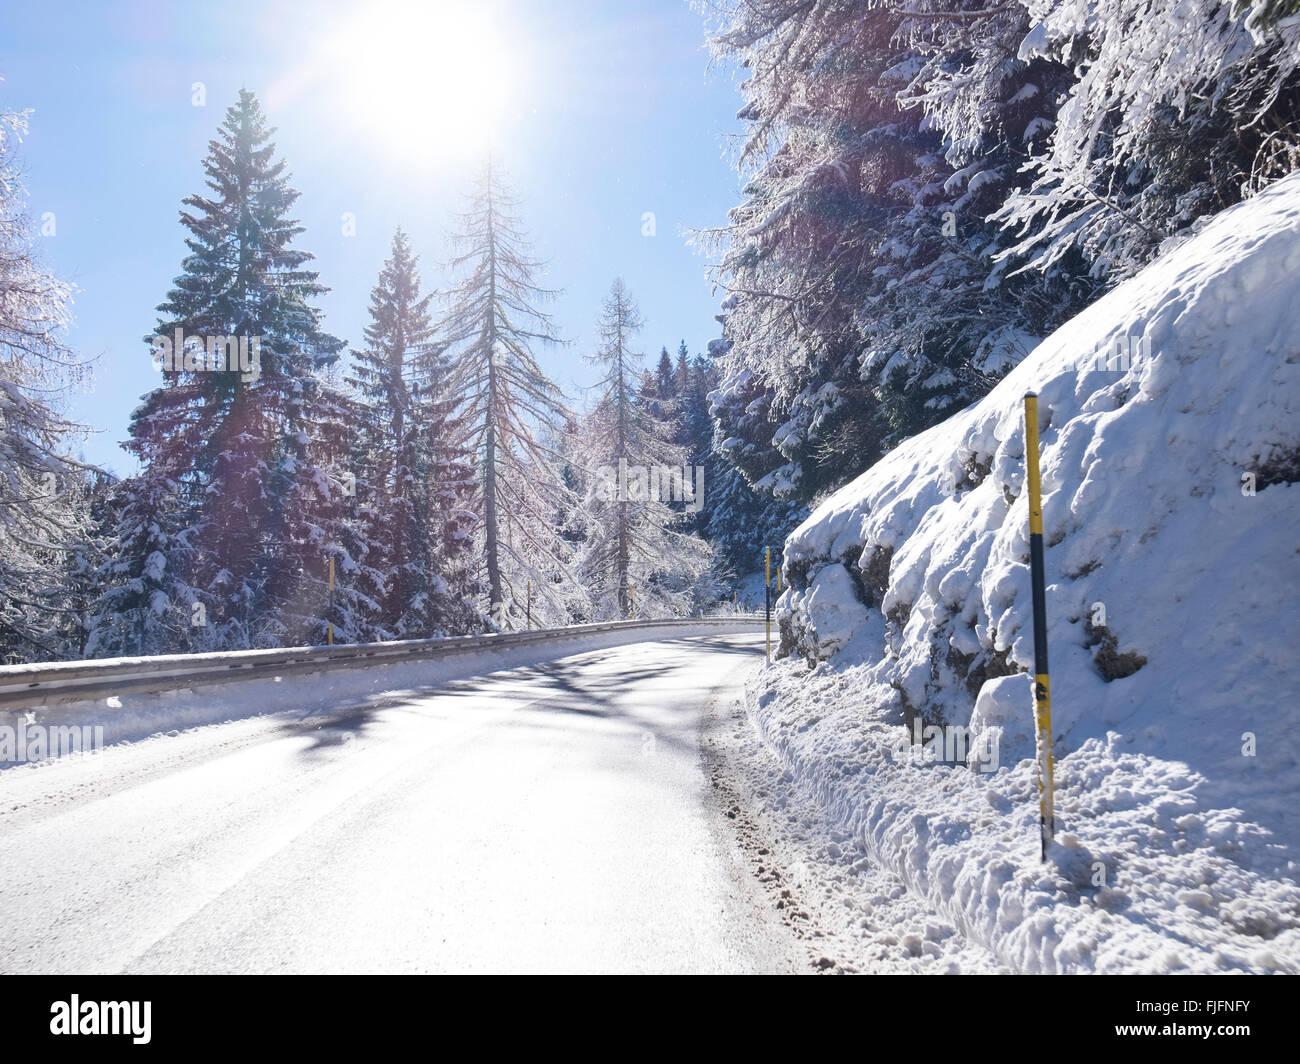 empty road snowy - Stock Image